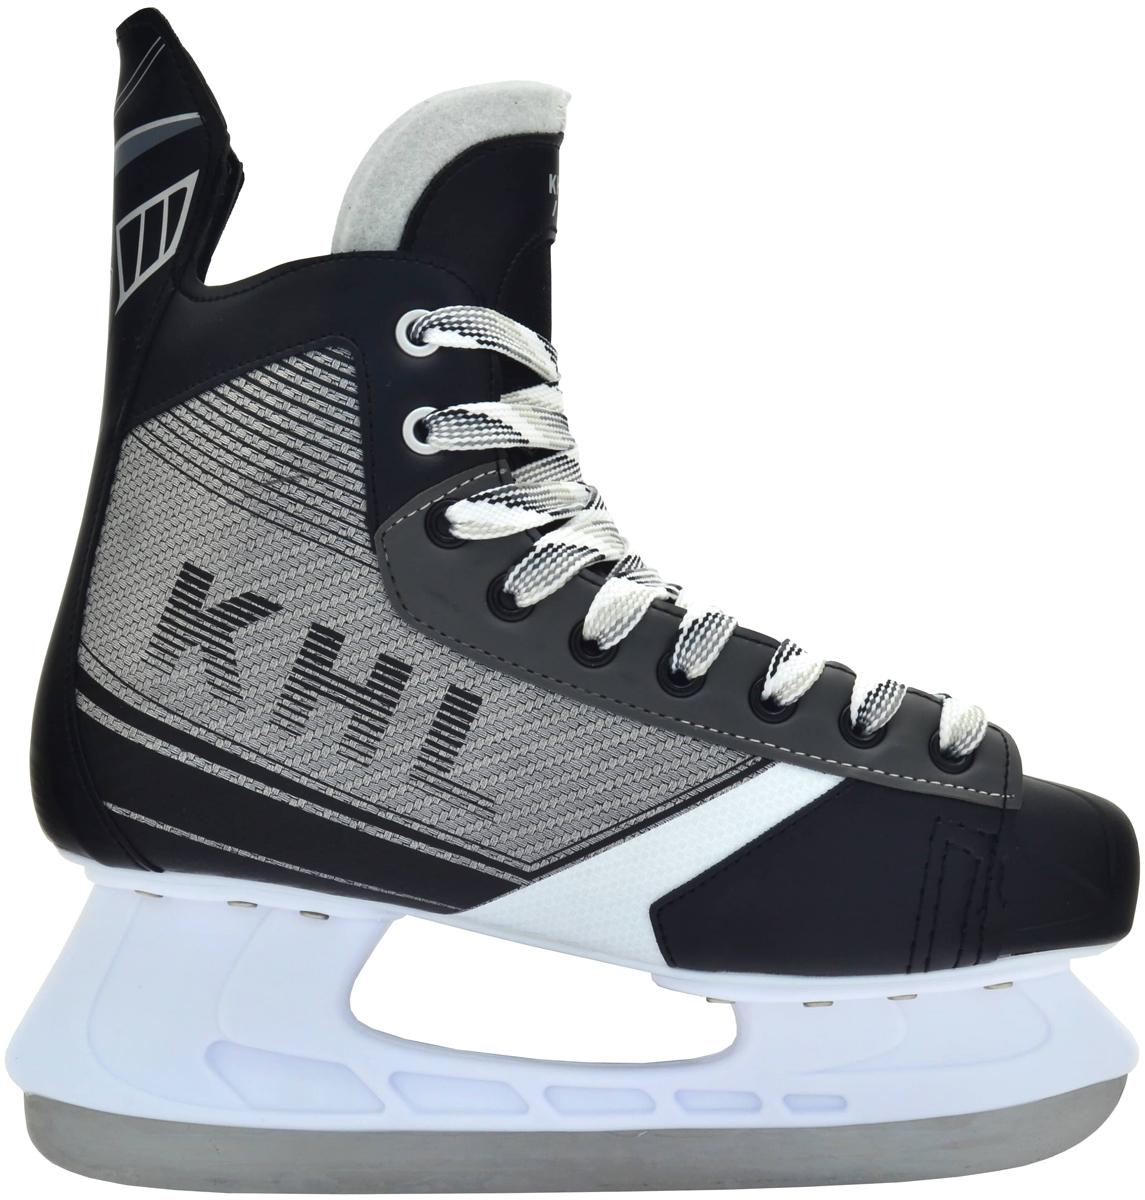 """Коньки хоккейные мужские KHL """"Hyper"""", цвет: серый, черный, белый. Размер 44"""